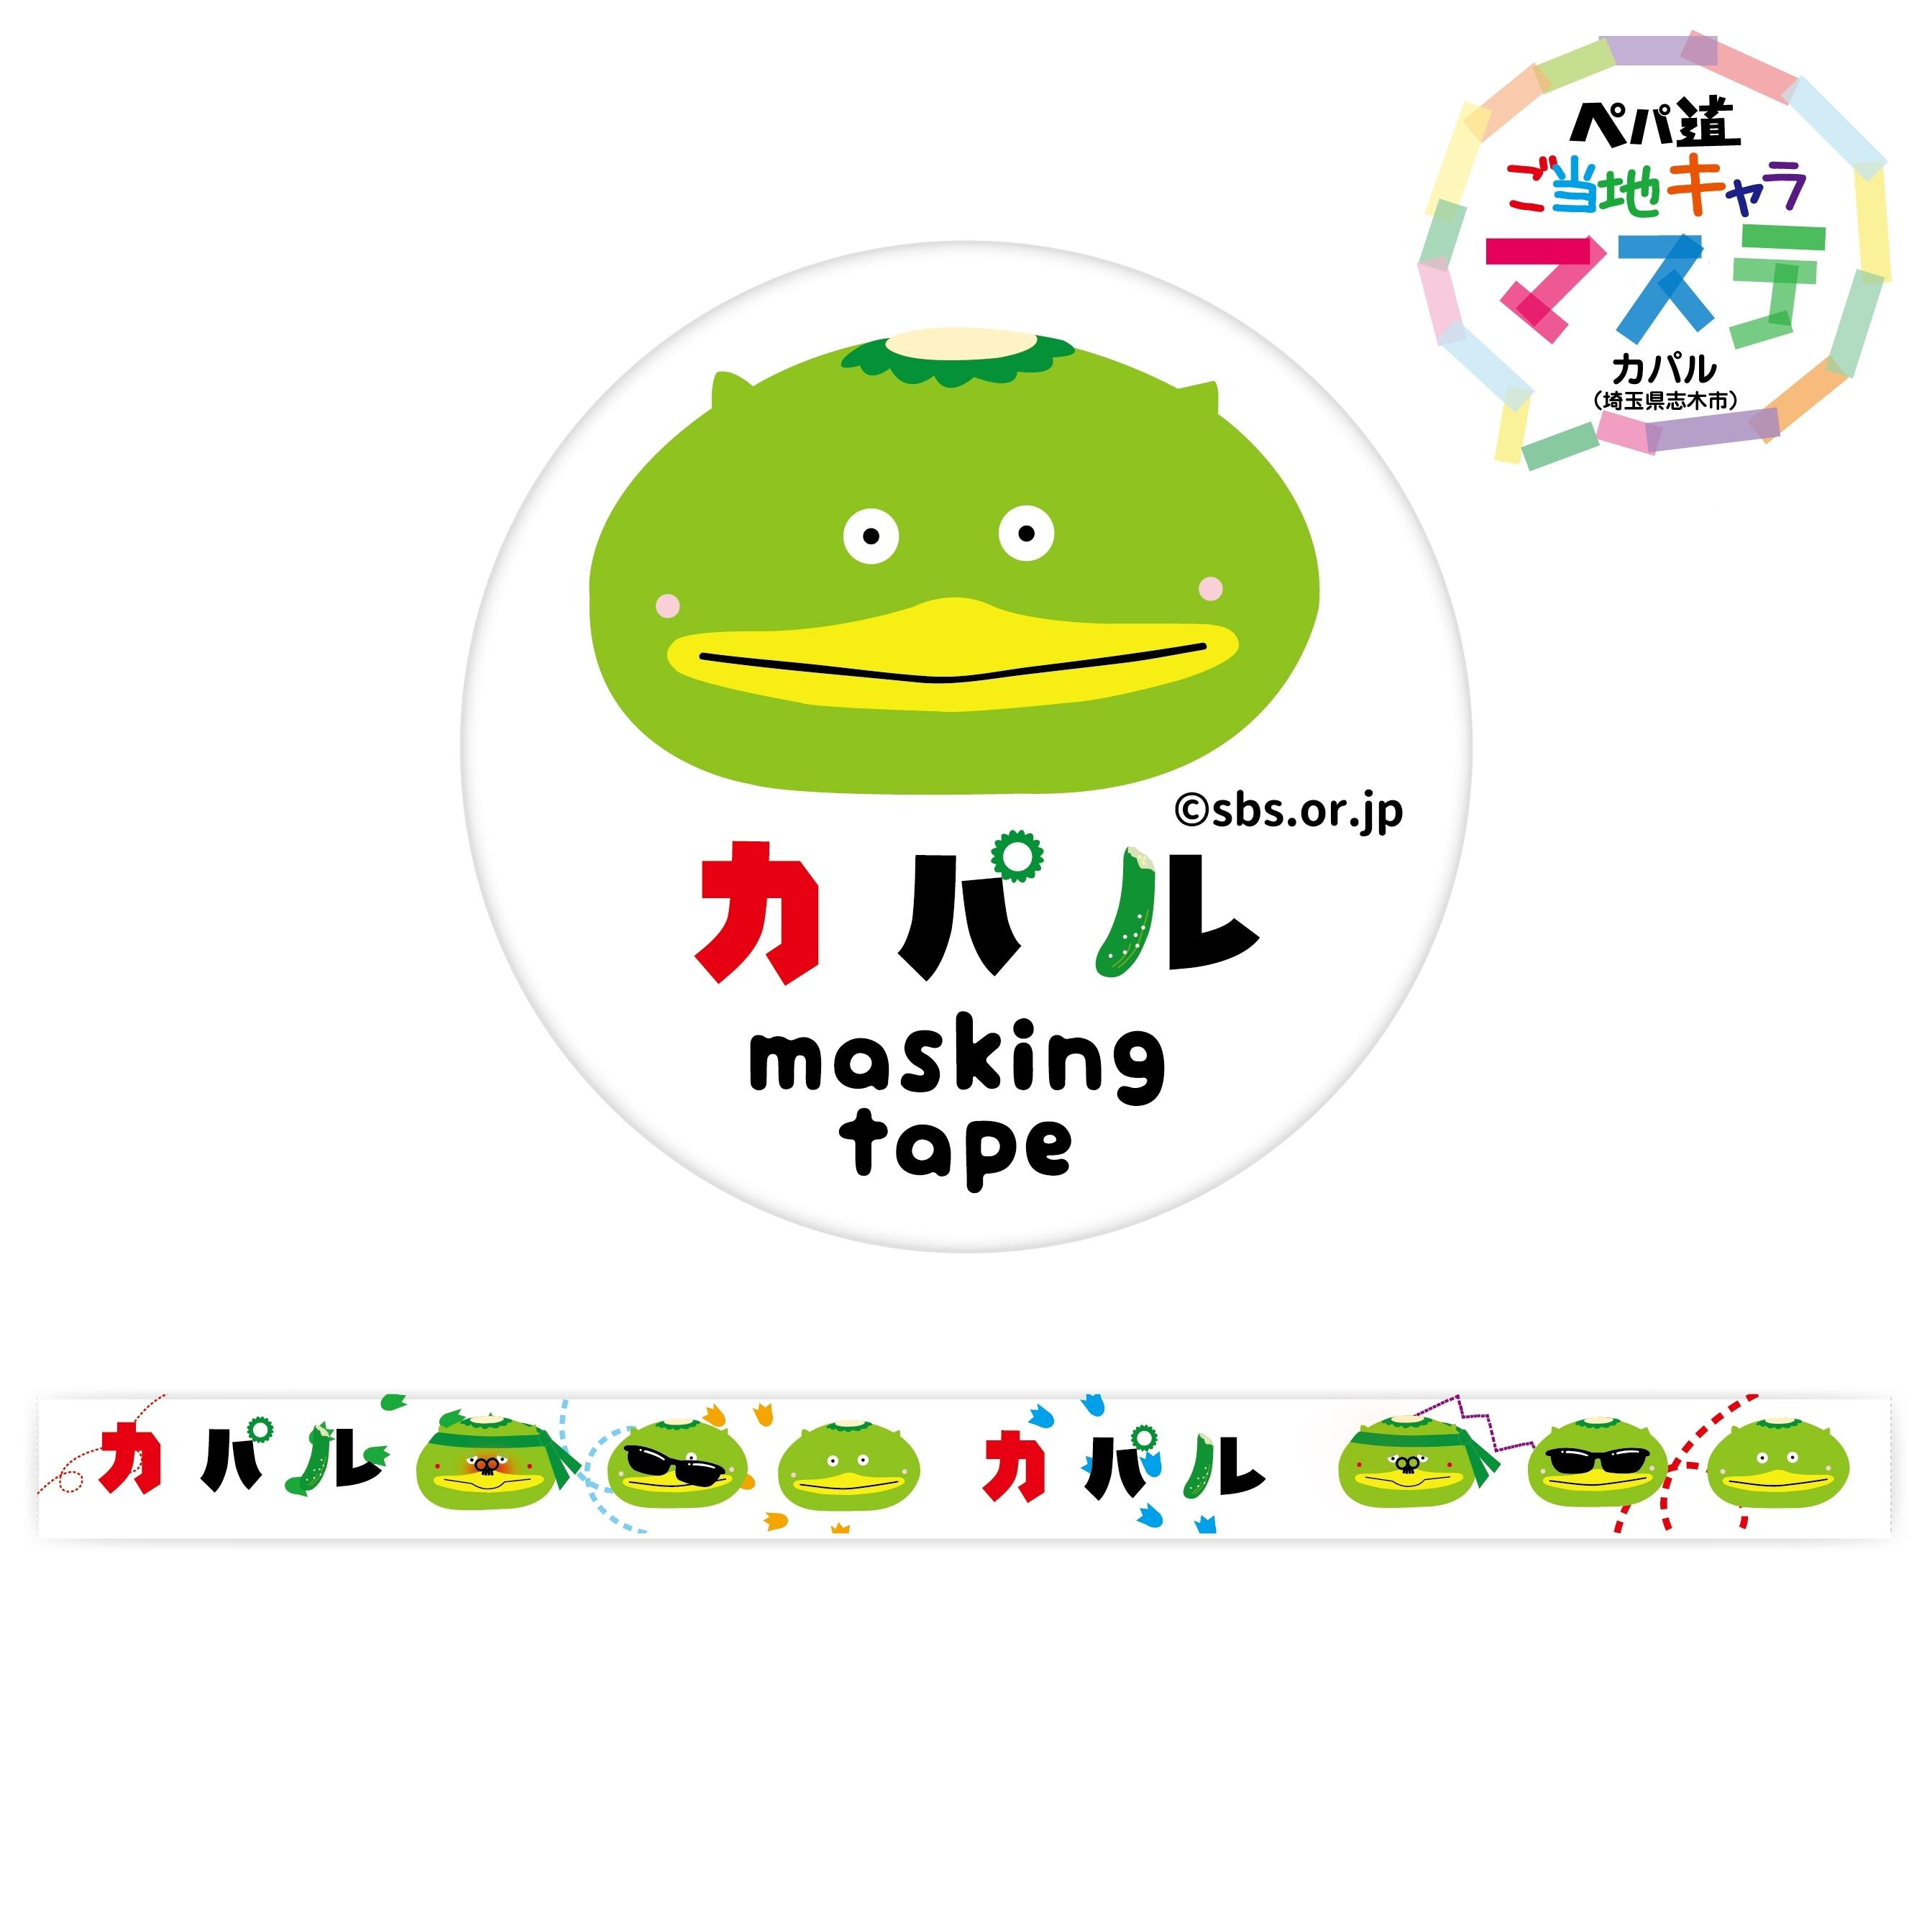 【ご当地キャラマステ】カパルマスキングテープ